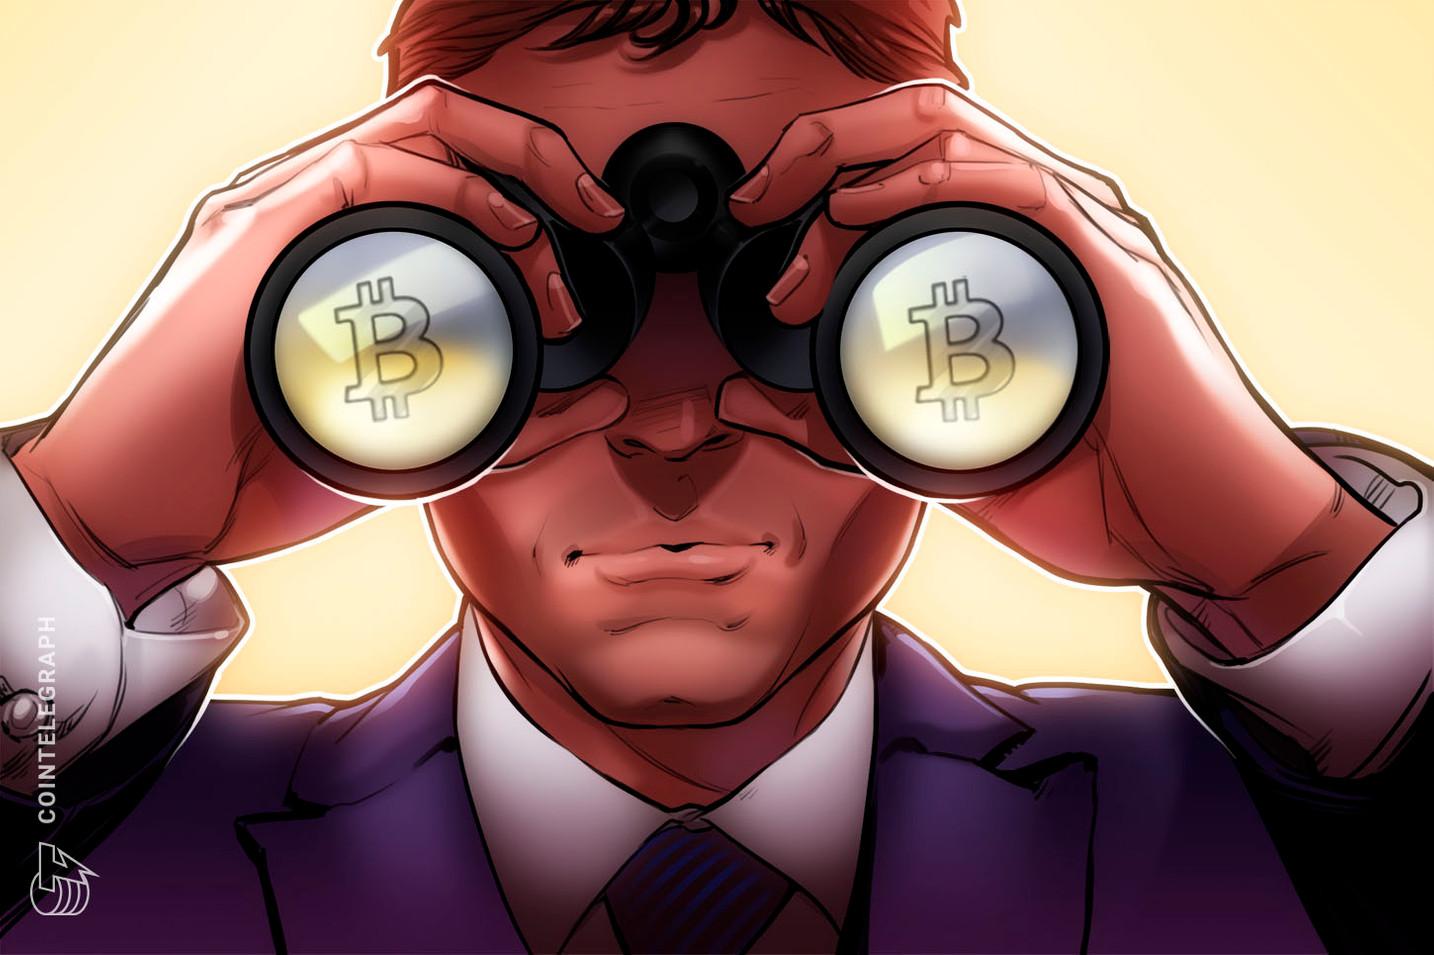 Las reservas de los exchanges caen a mínimos anteriores a los $61,000: 5 cosas a tener en cuenta sobre Bitcoin esta semana